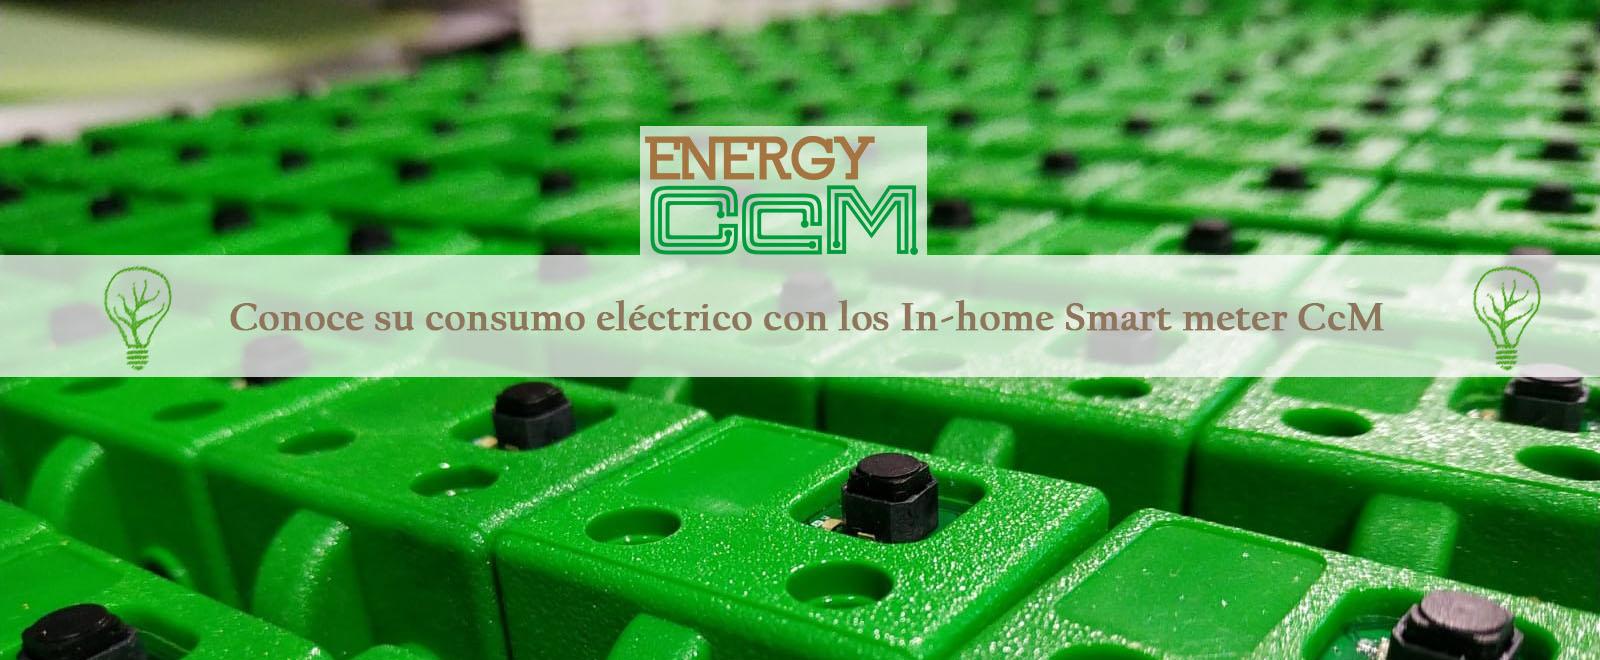 Monitorizar el consumo eléctrico